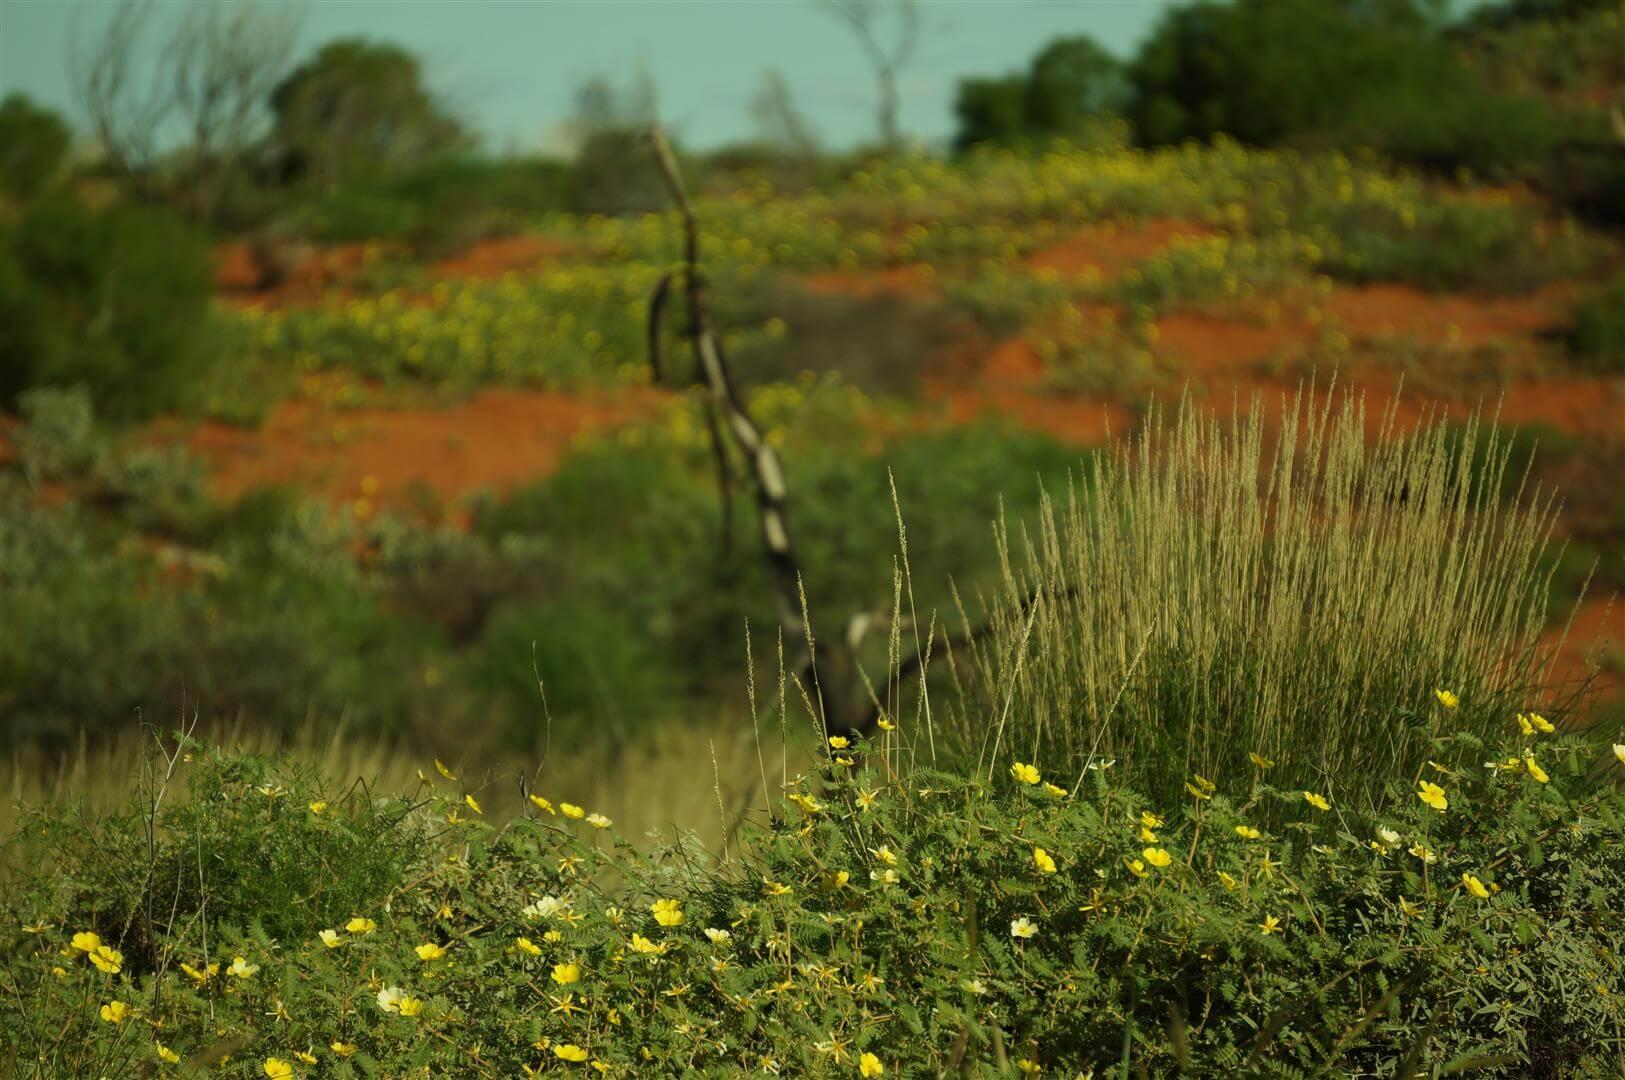 outback-australia-zachodnia-czerwono-zielona